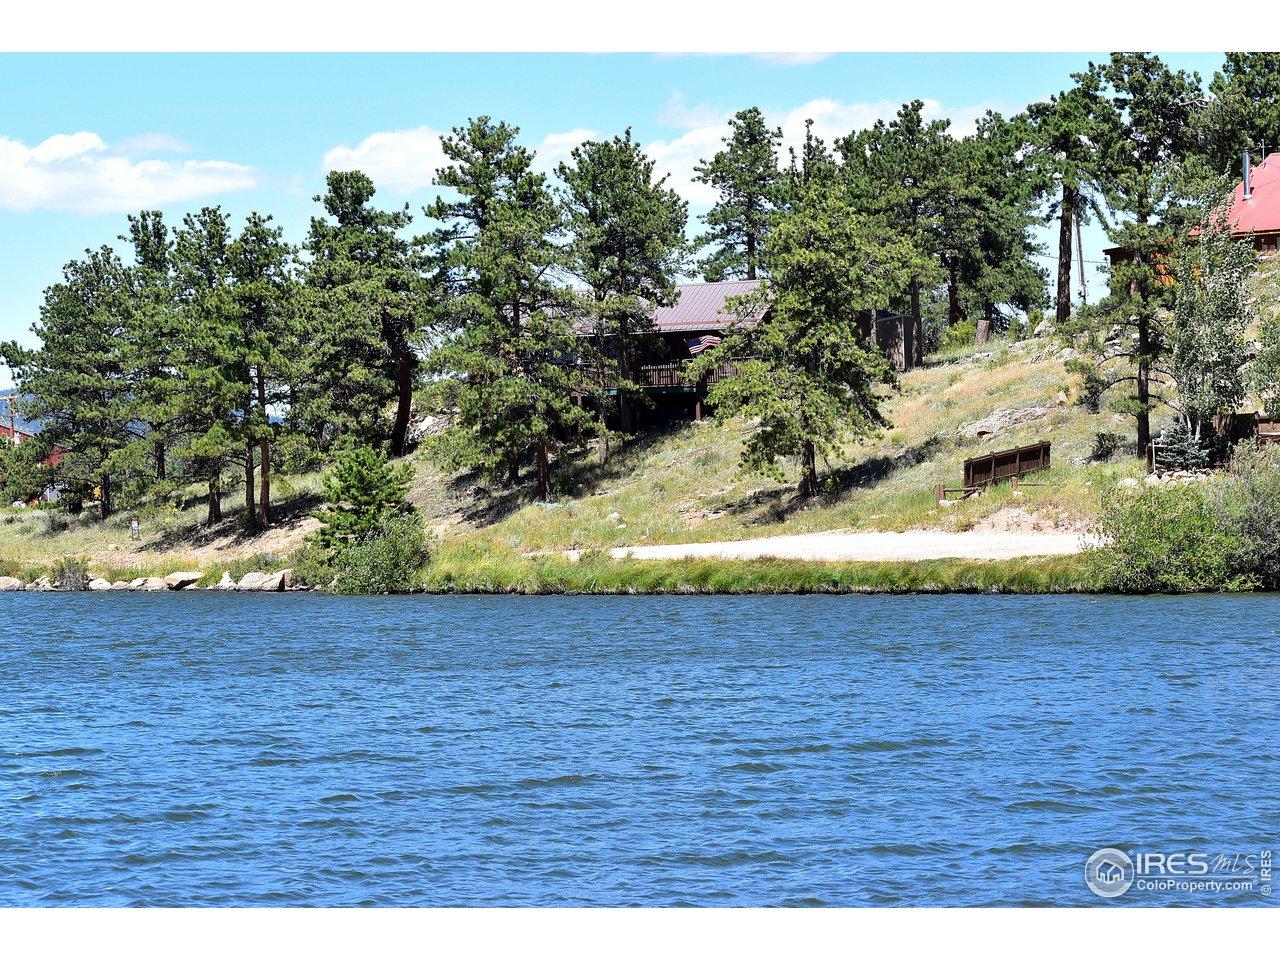 From across Ramona Lake